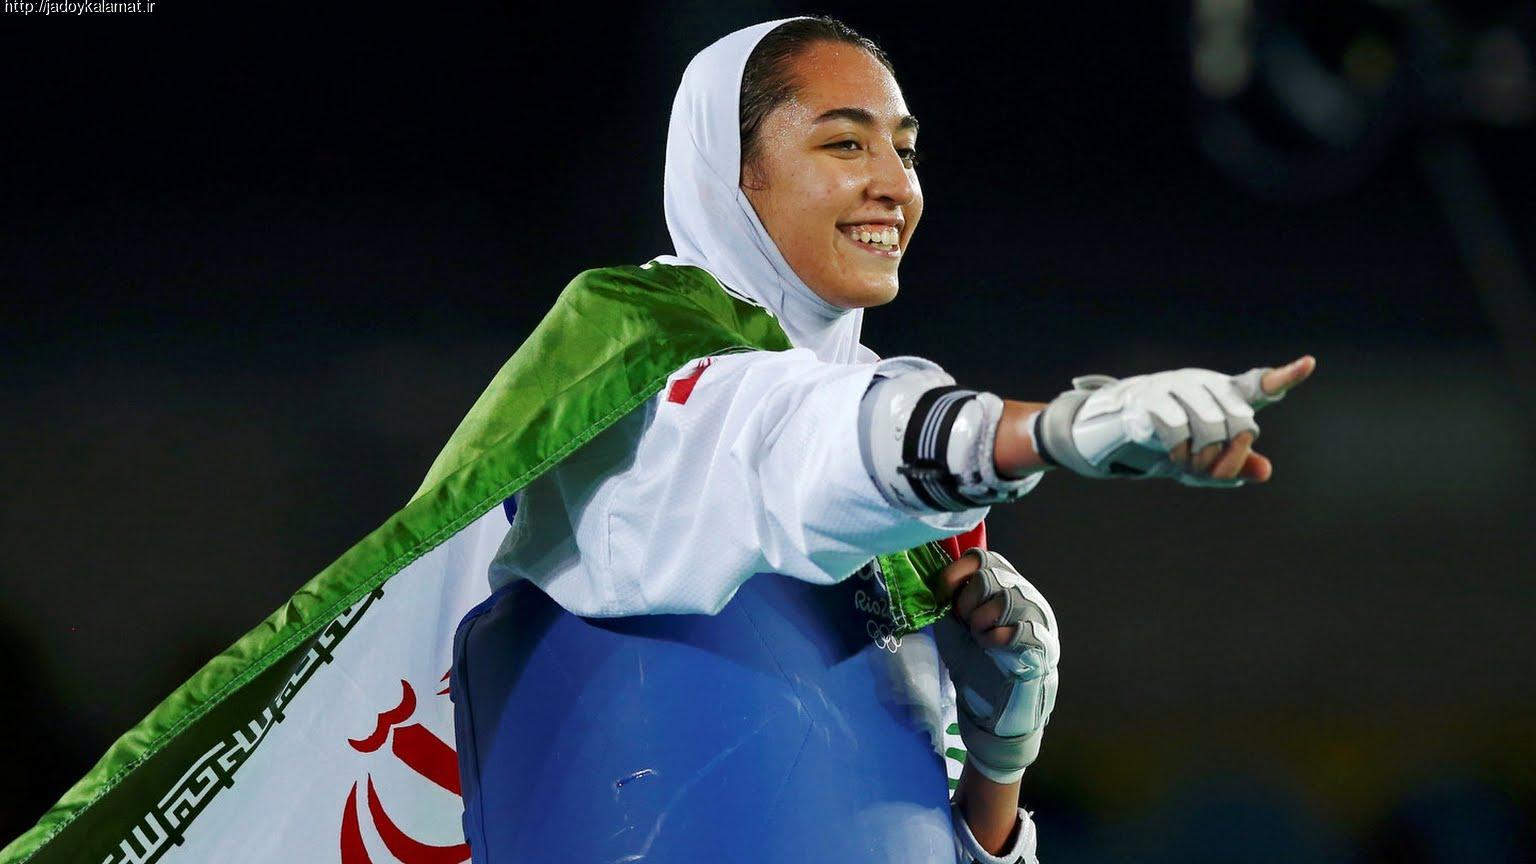 قهرمان سال ۲۰۱۱ جهان در برابر کیمیا علیزاده سر خم کرد